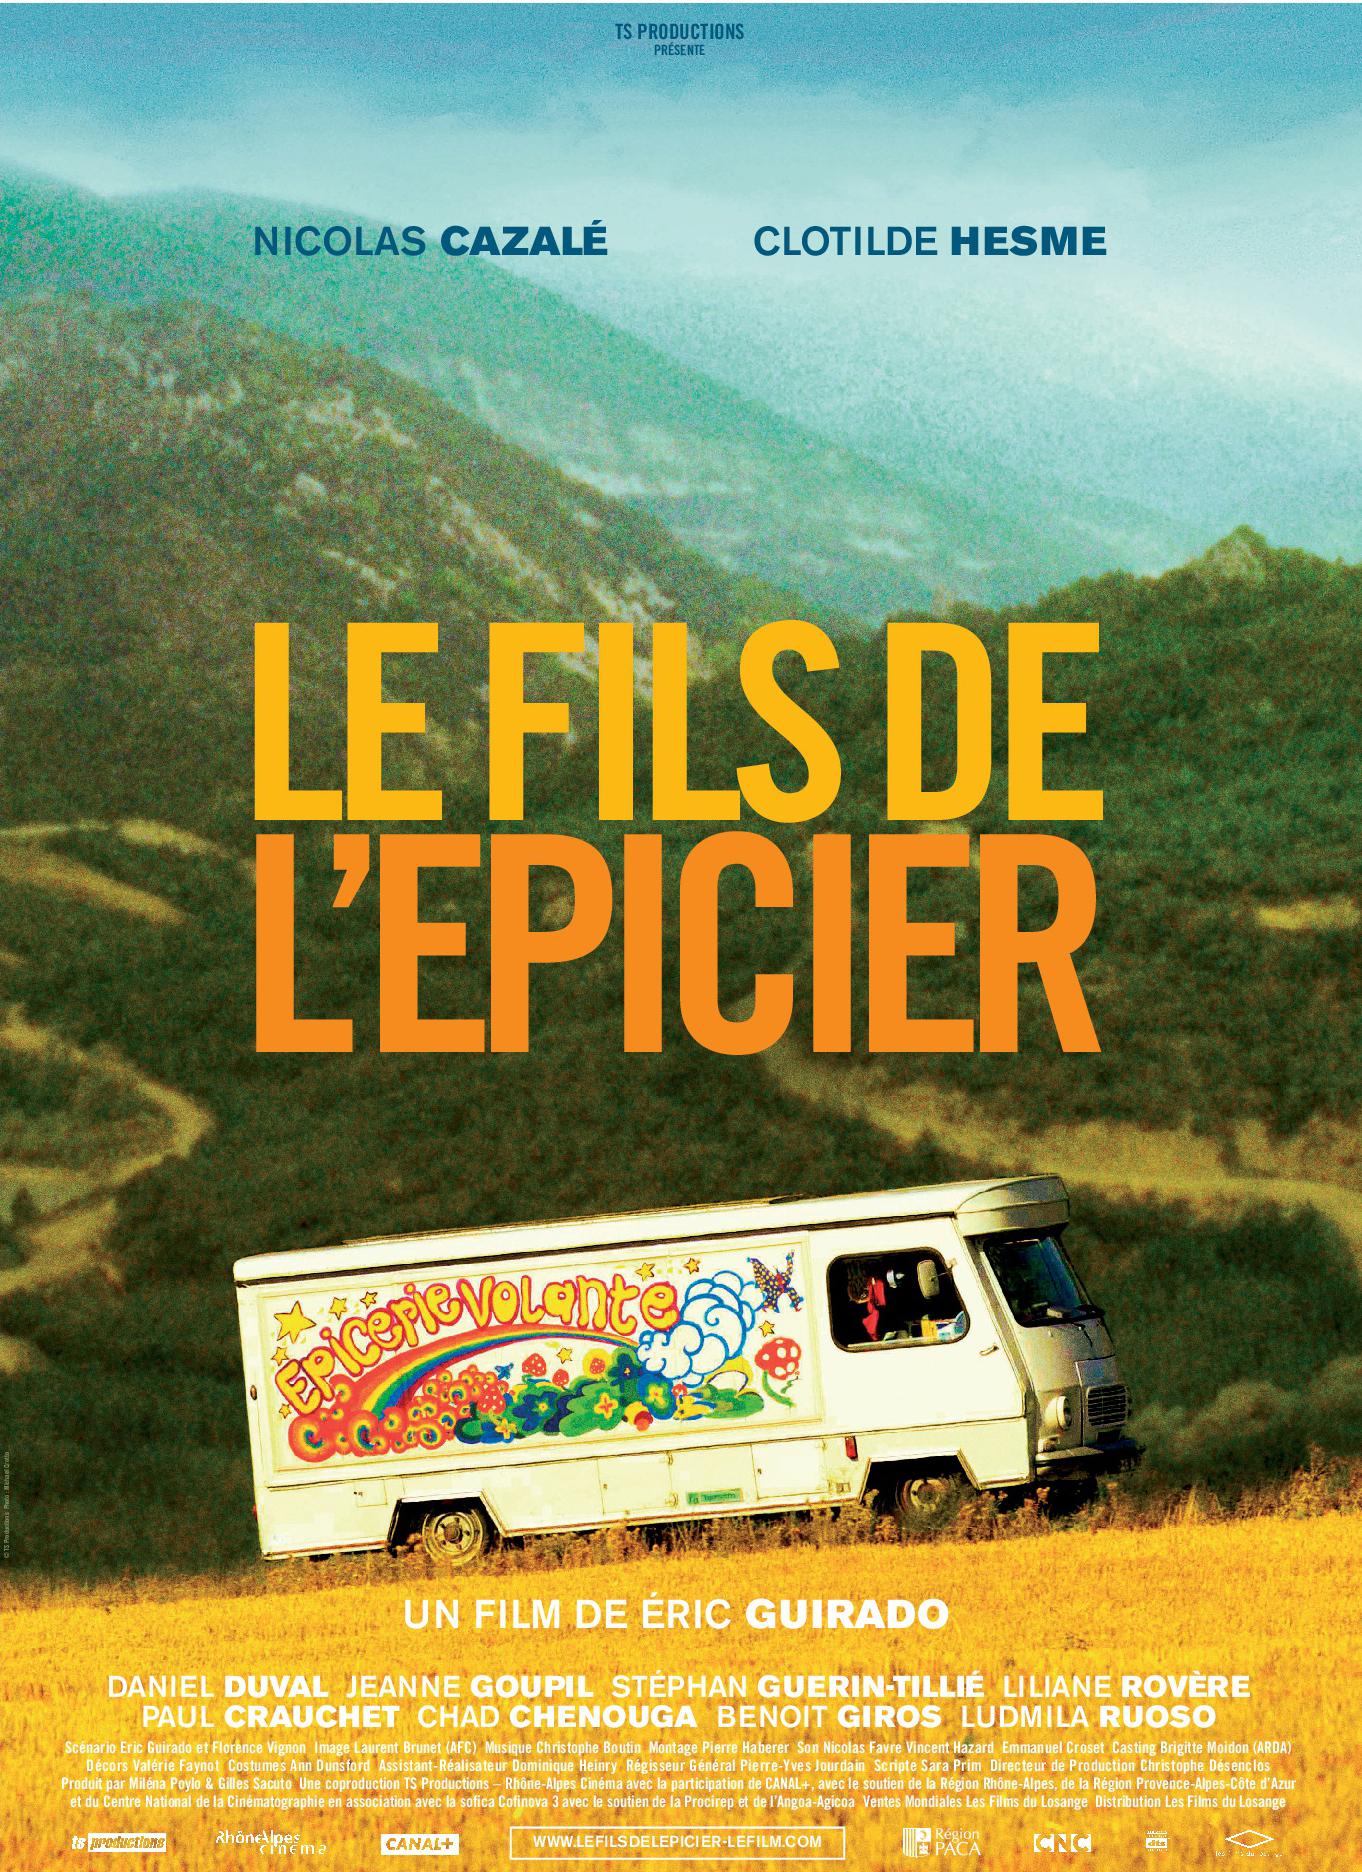 LE FILS DE L'EPICIER - Éric Guirado